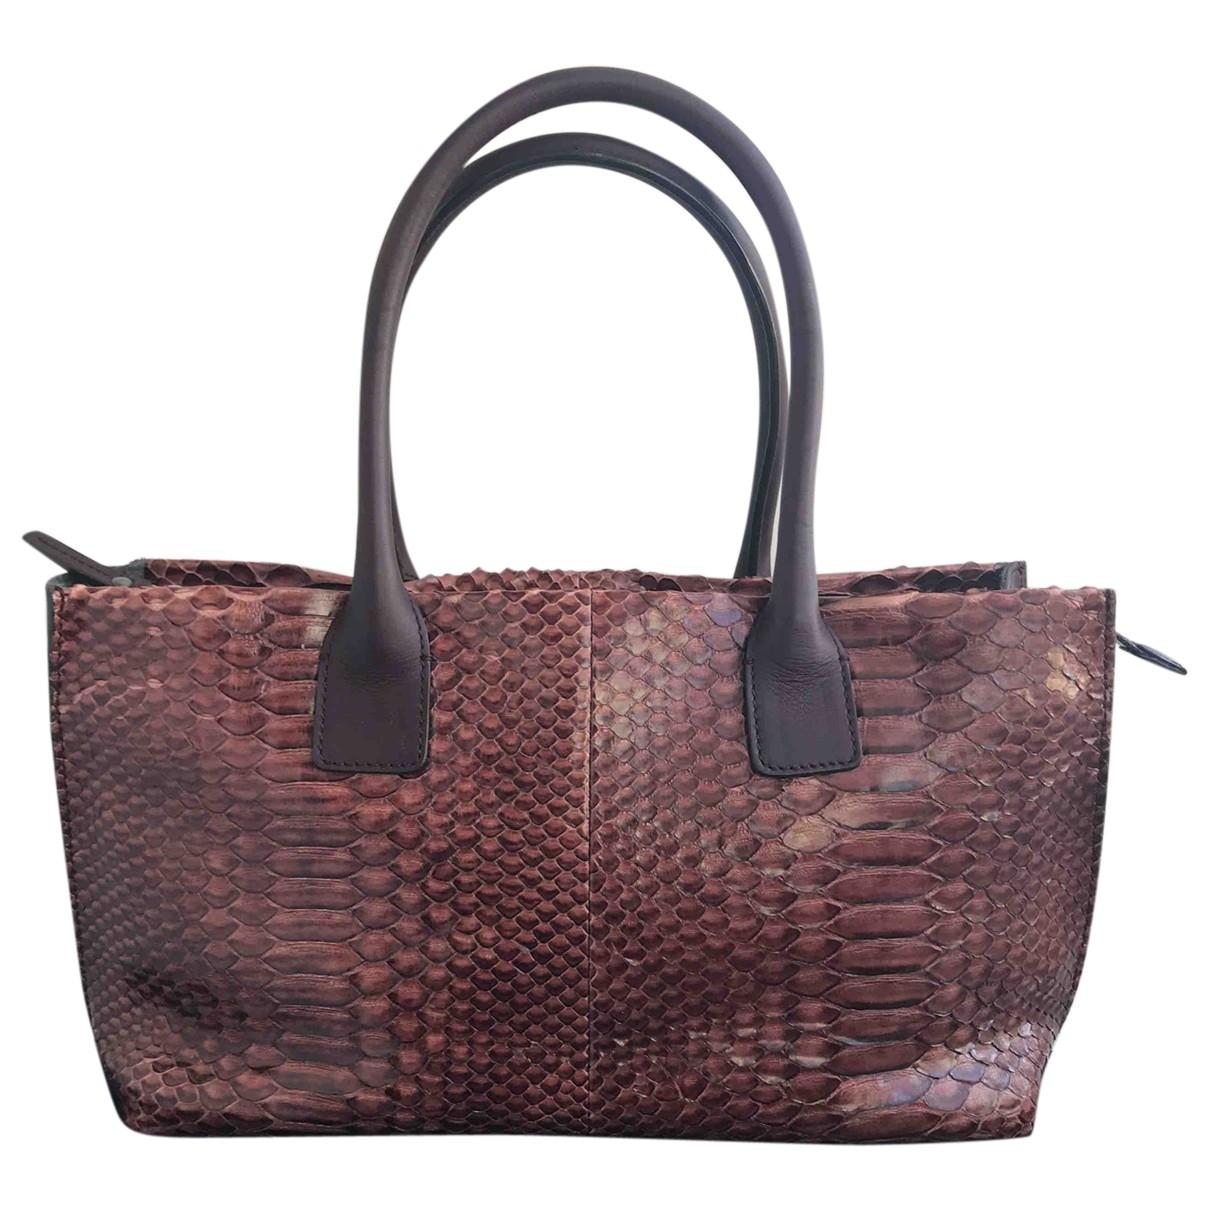 Brunello Cucinelli \N Handtasche in  Bordeauxrot Python